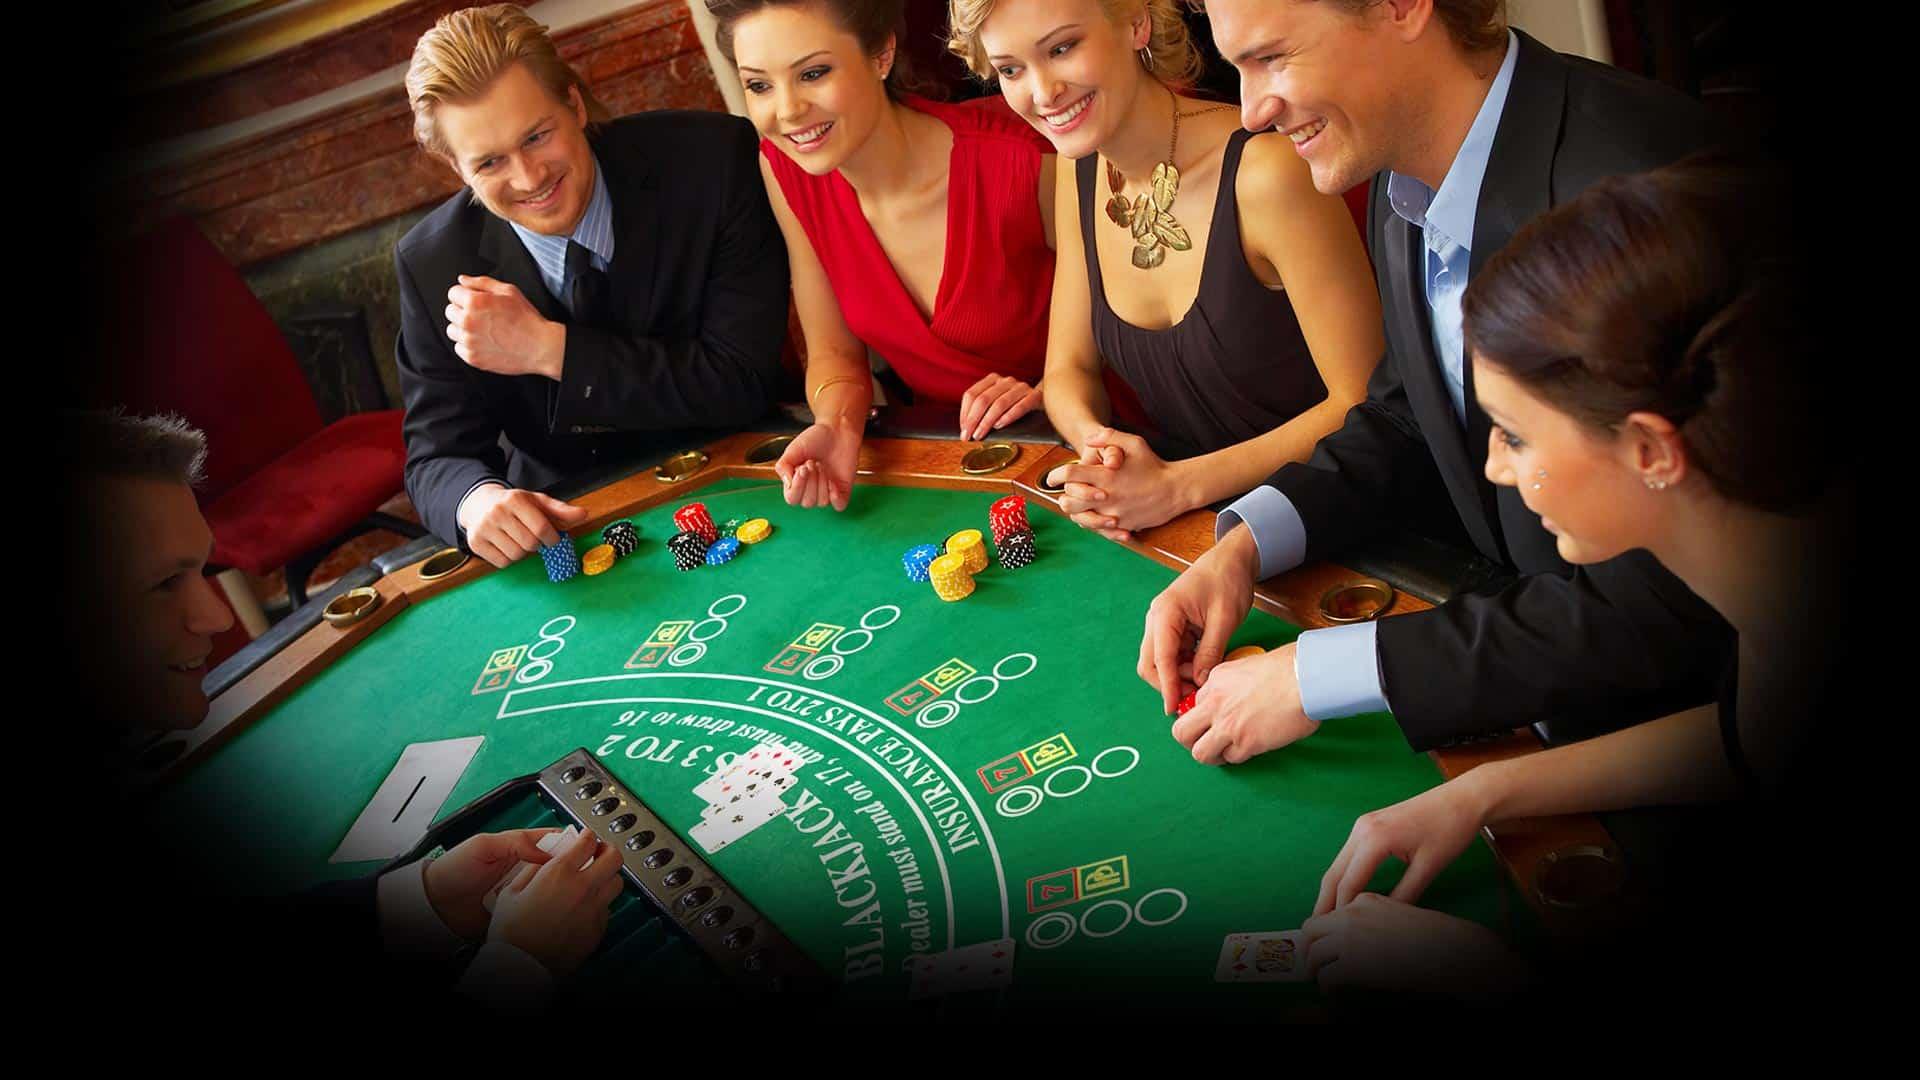 Atlas poker